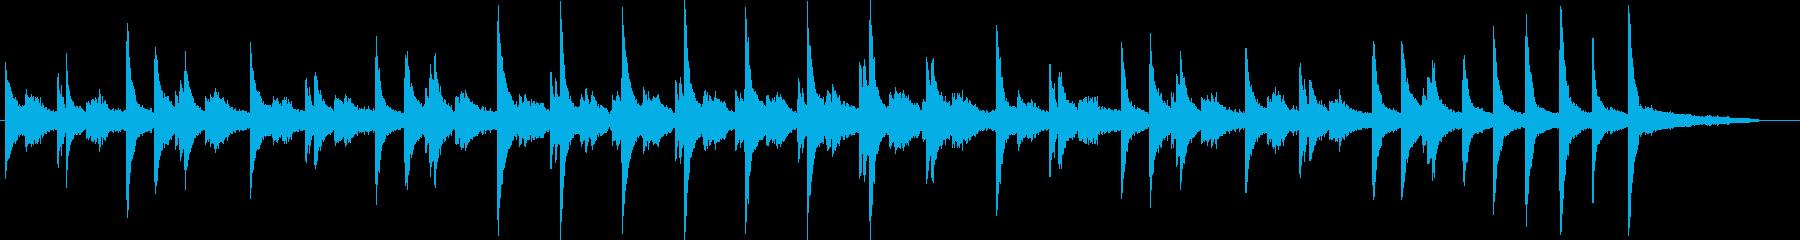 とても美しく魅惑的な和声のピアノバラードの再生済みの波形